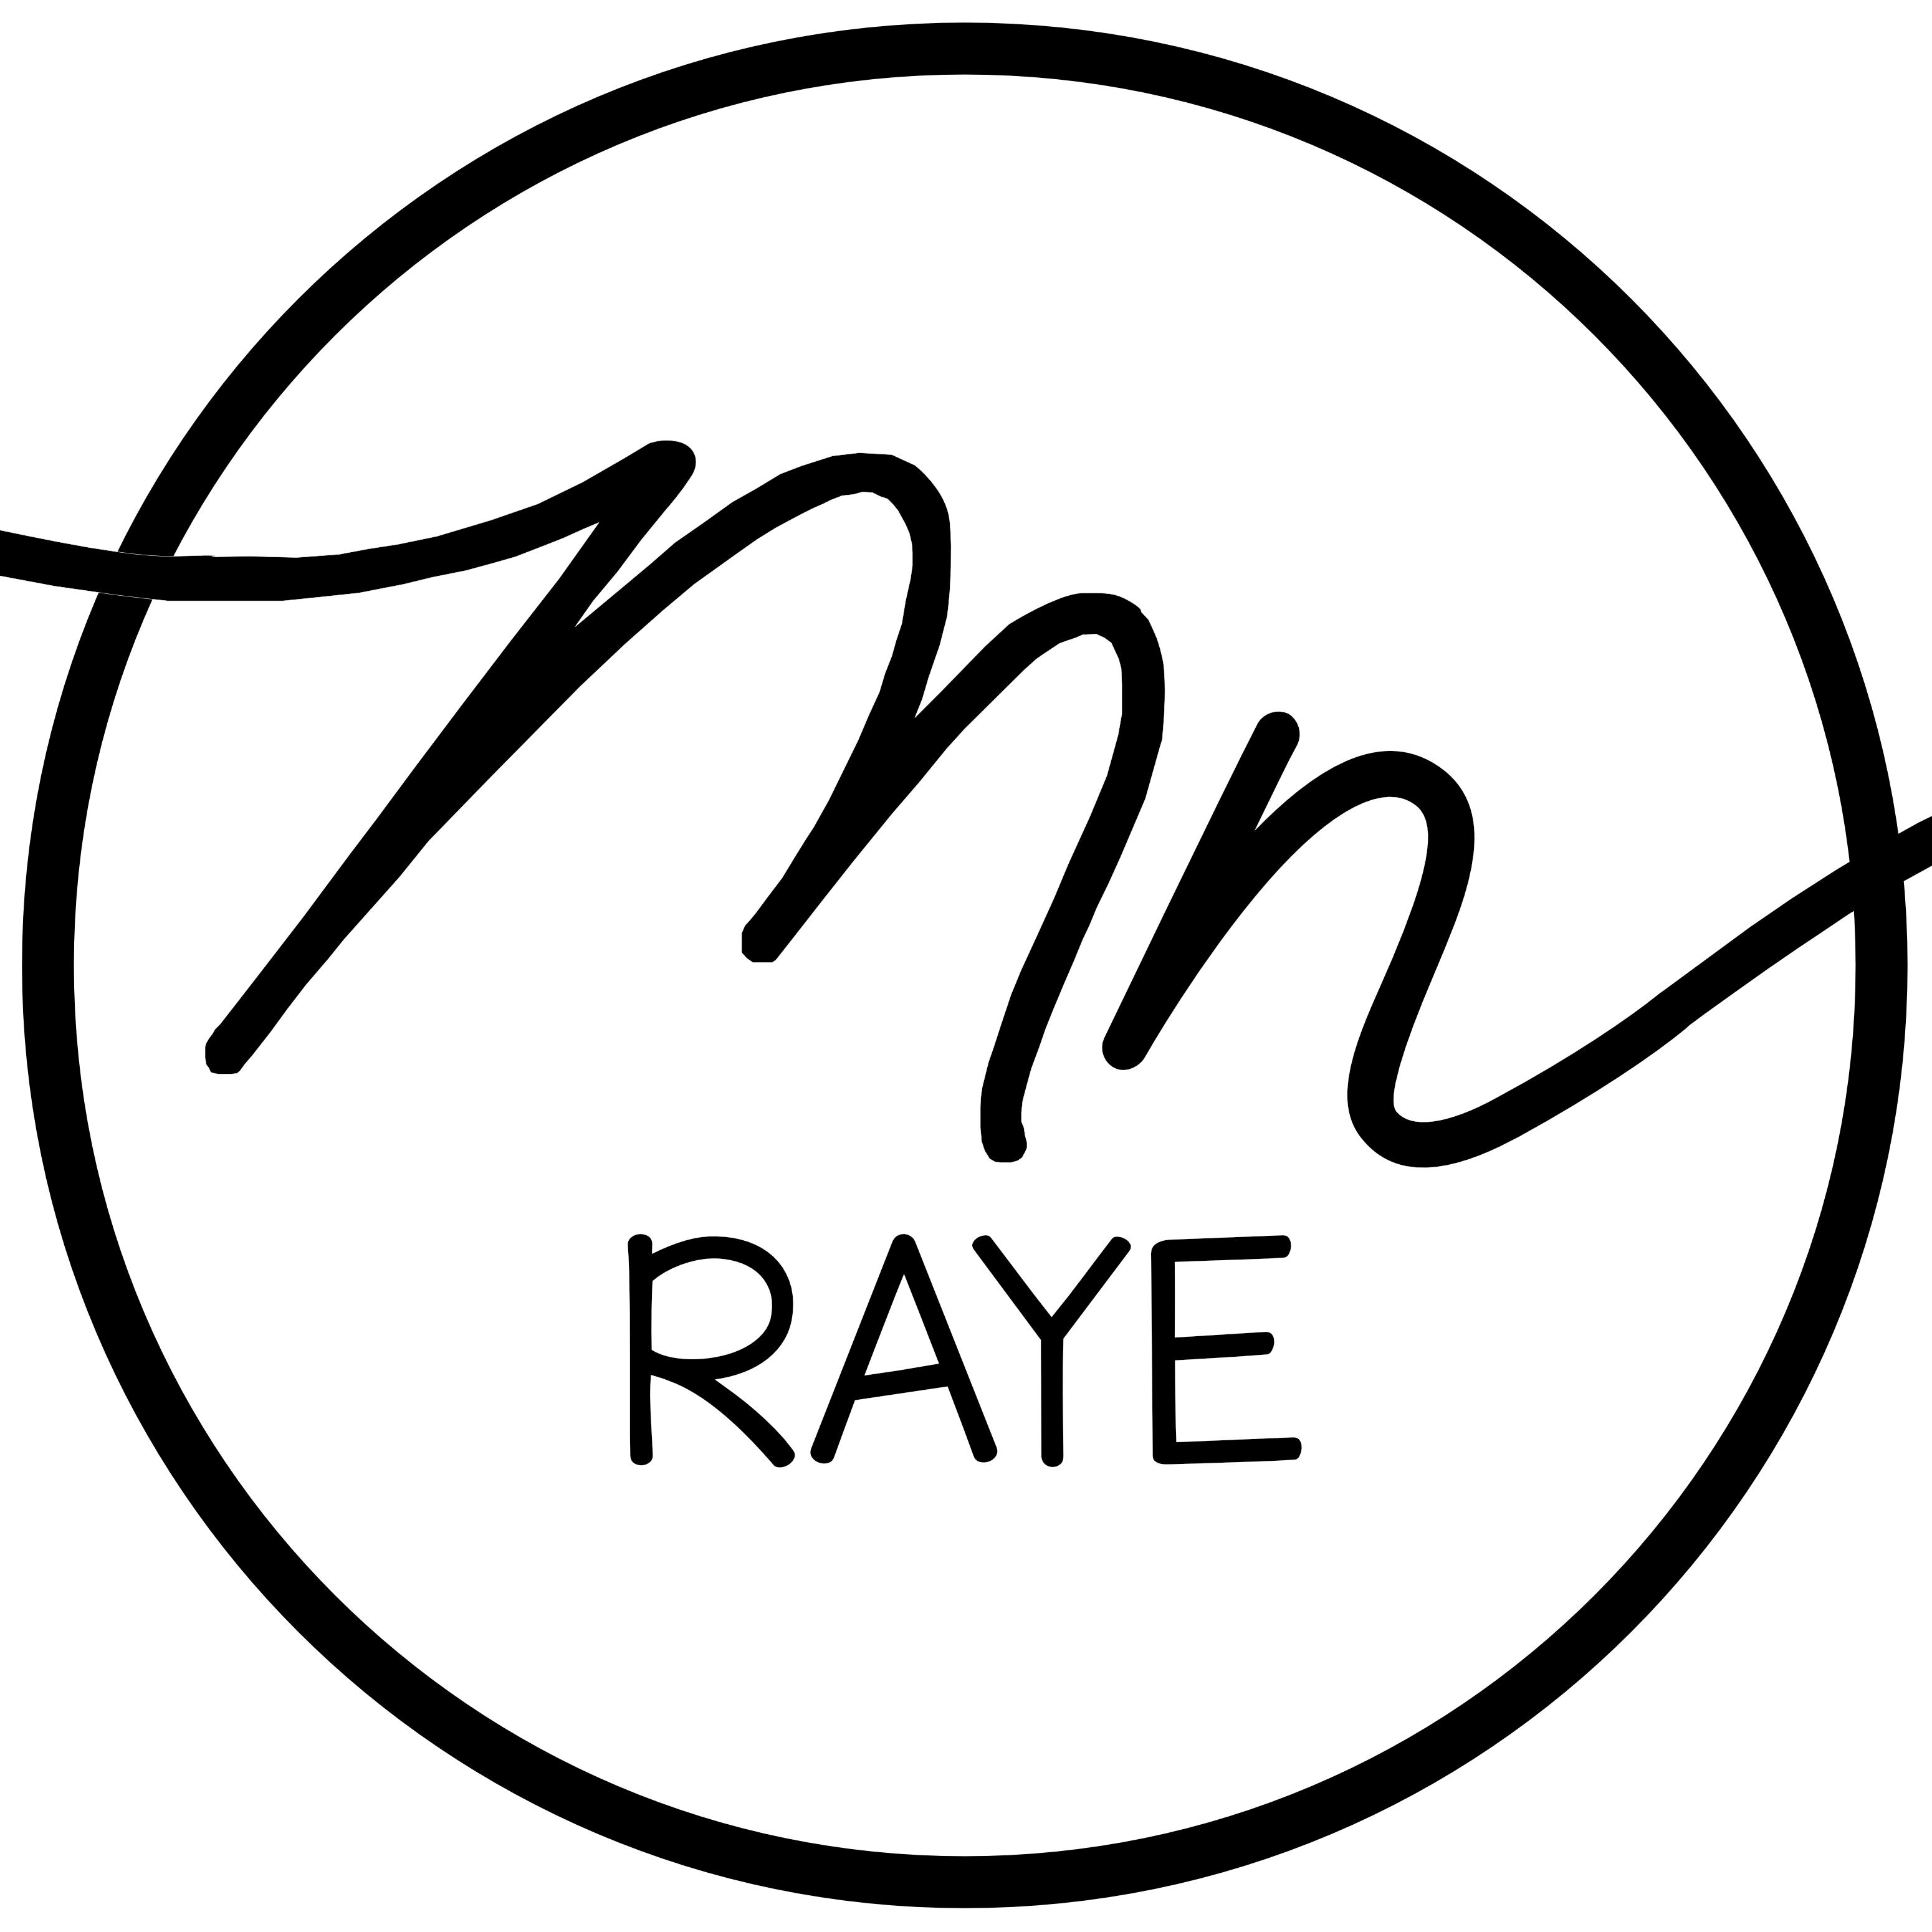 mnraye